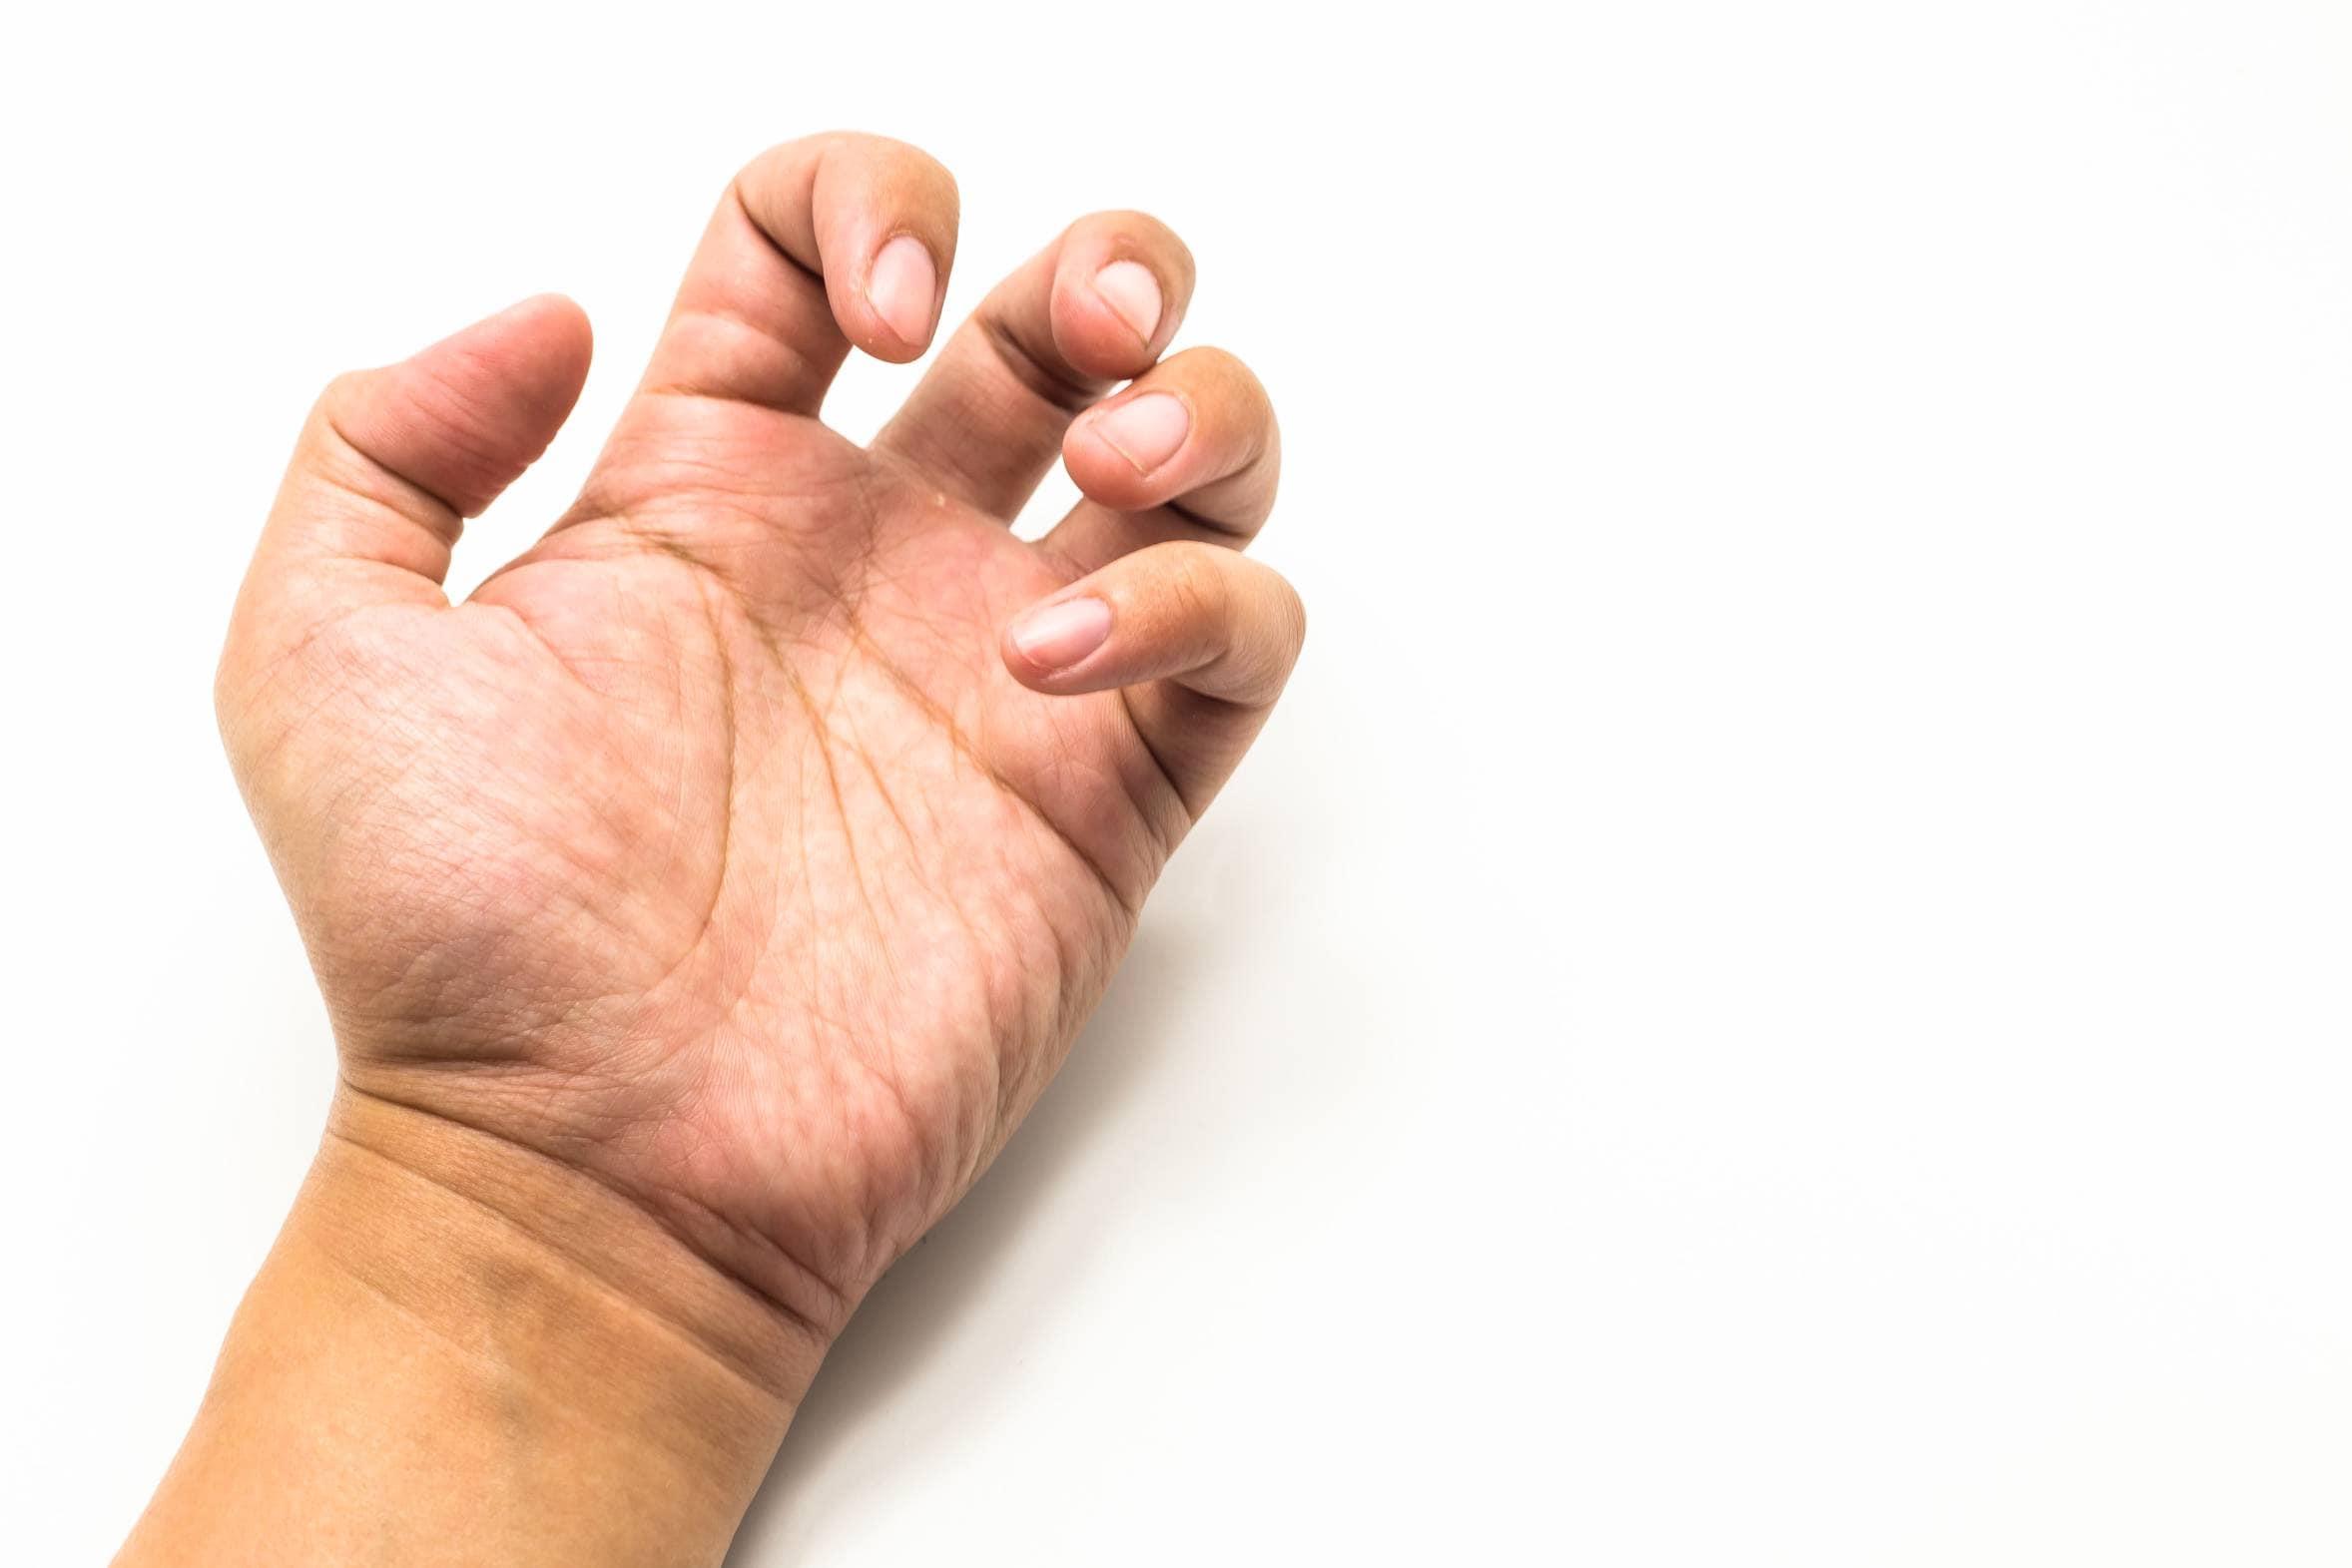 domningar i händer och fötter på natten